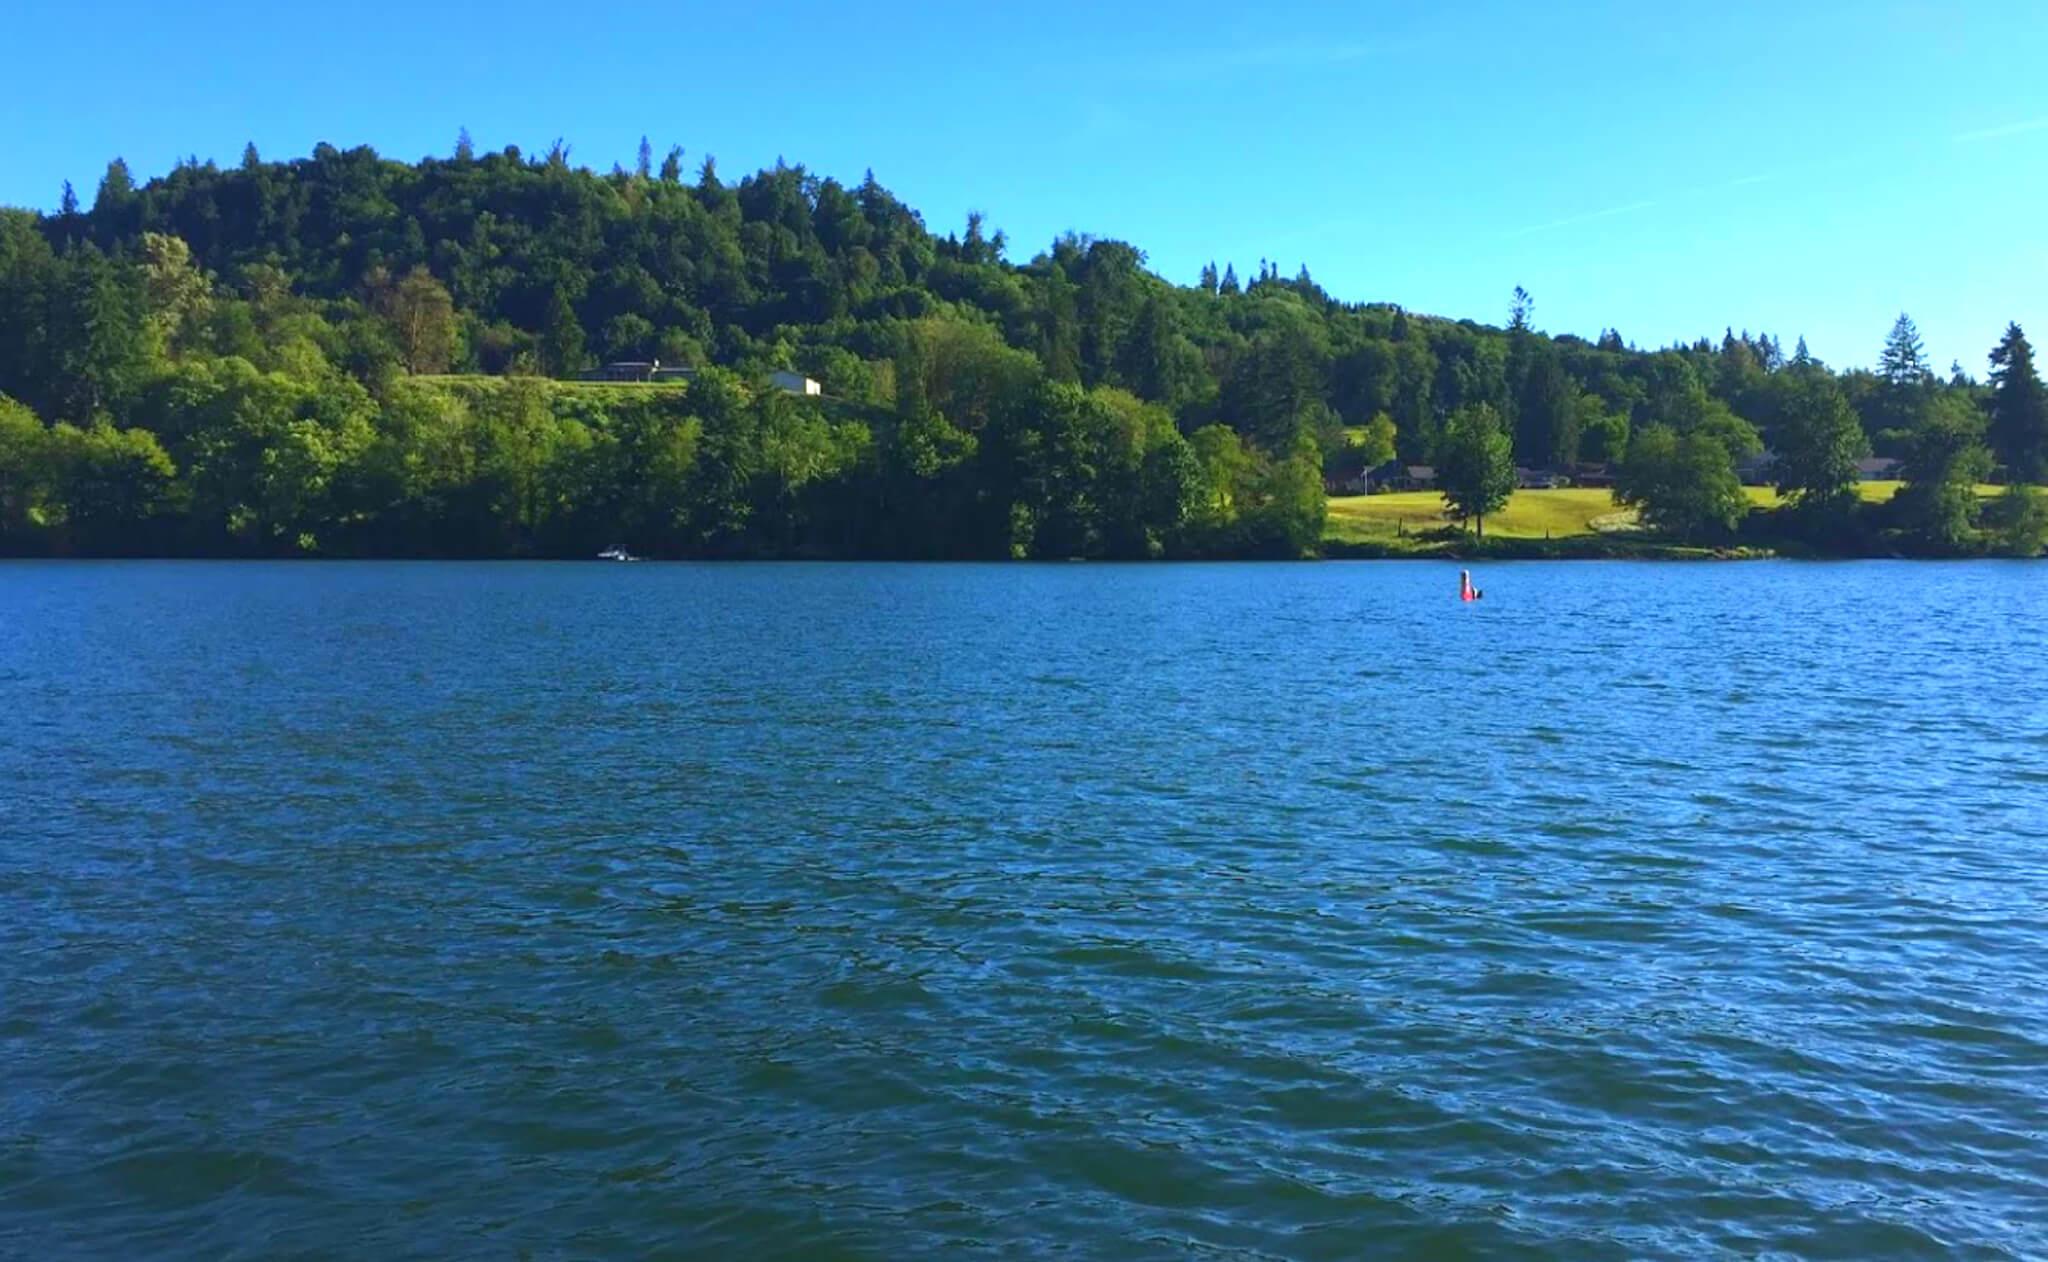 Mayfield-Lake-Fishing-Report-Guide-Washington-WA-02